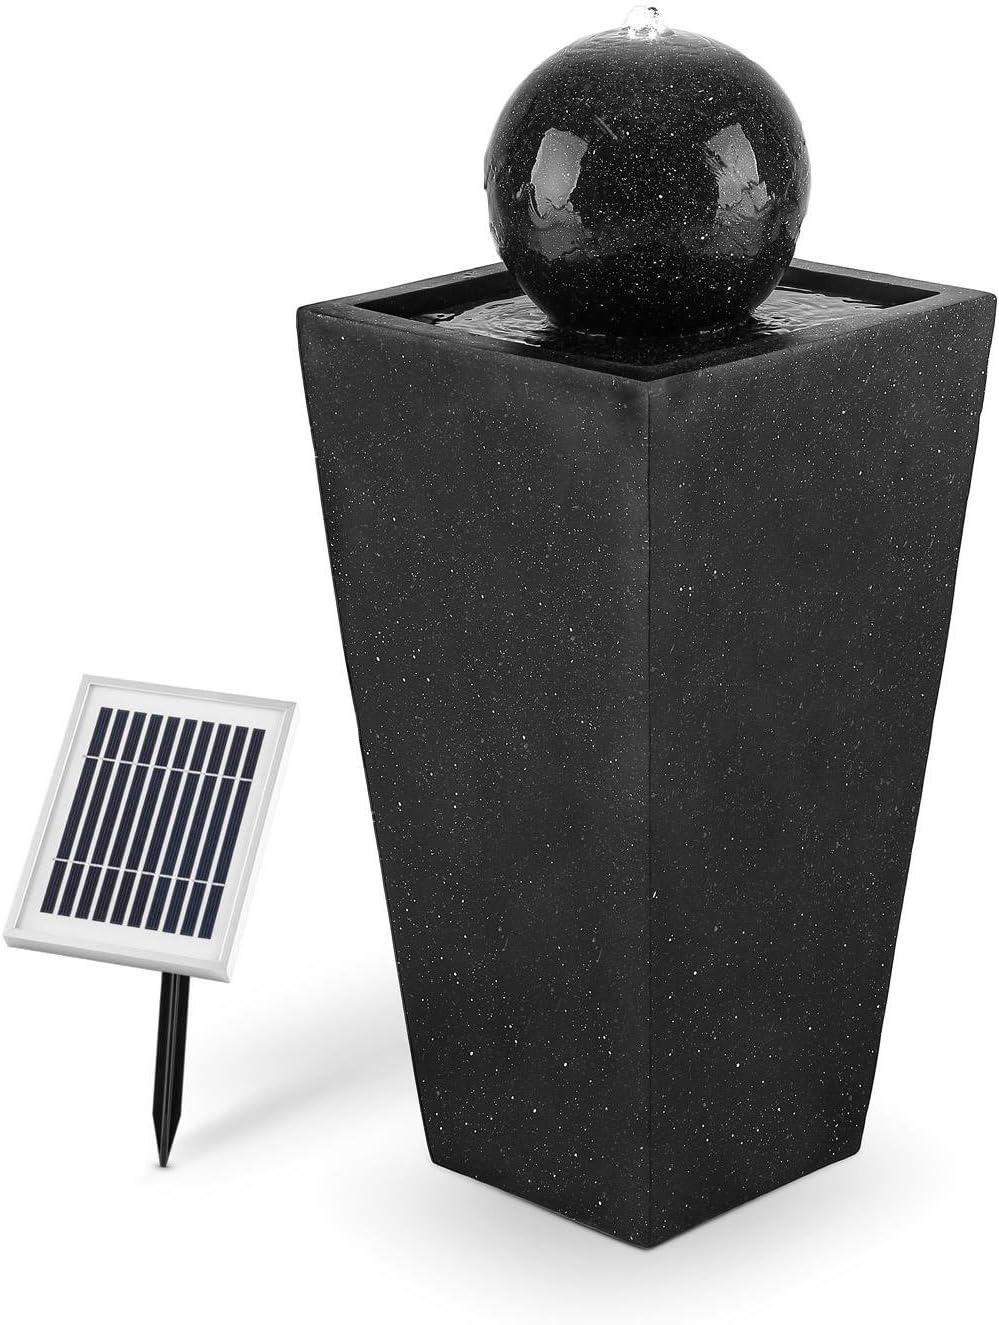 Blumfeldt Königsbrunn Fuente Solar esférica (Potencia Bomba 200 l/Hora, elevación Chorro hasta 80 cm, Luces LED, Carga batería energia Solar, 8 Horas, Interiores o Exteriores, Aspecto basalto)